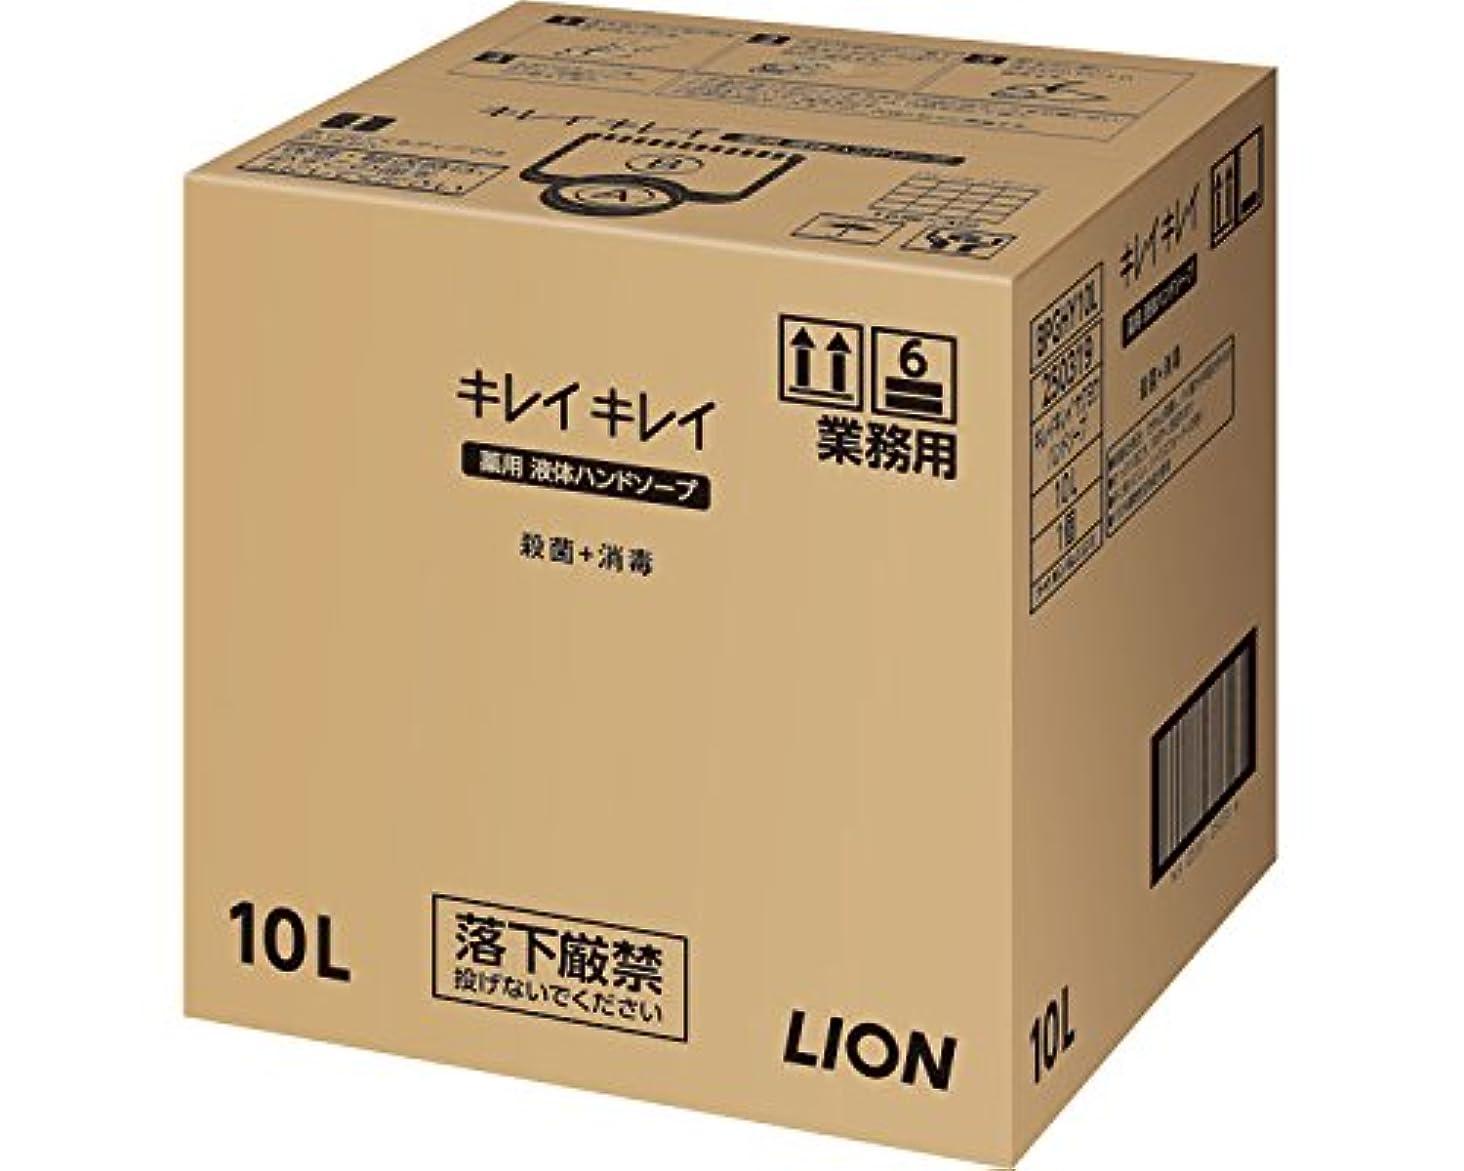 アフリカ人帝国地域のキレイキレイ薬用ハンドソープ 10L (ライオンハイジーン) (清拭小物)